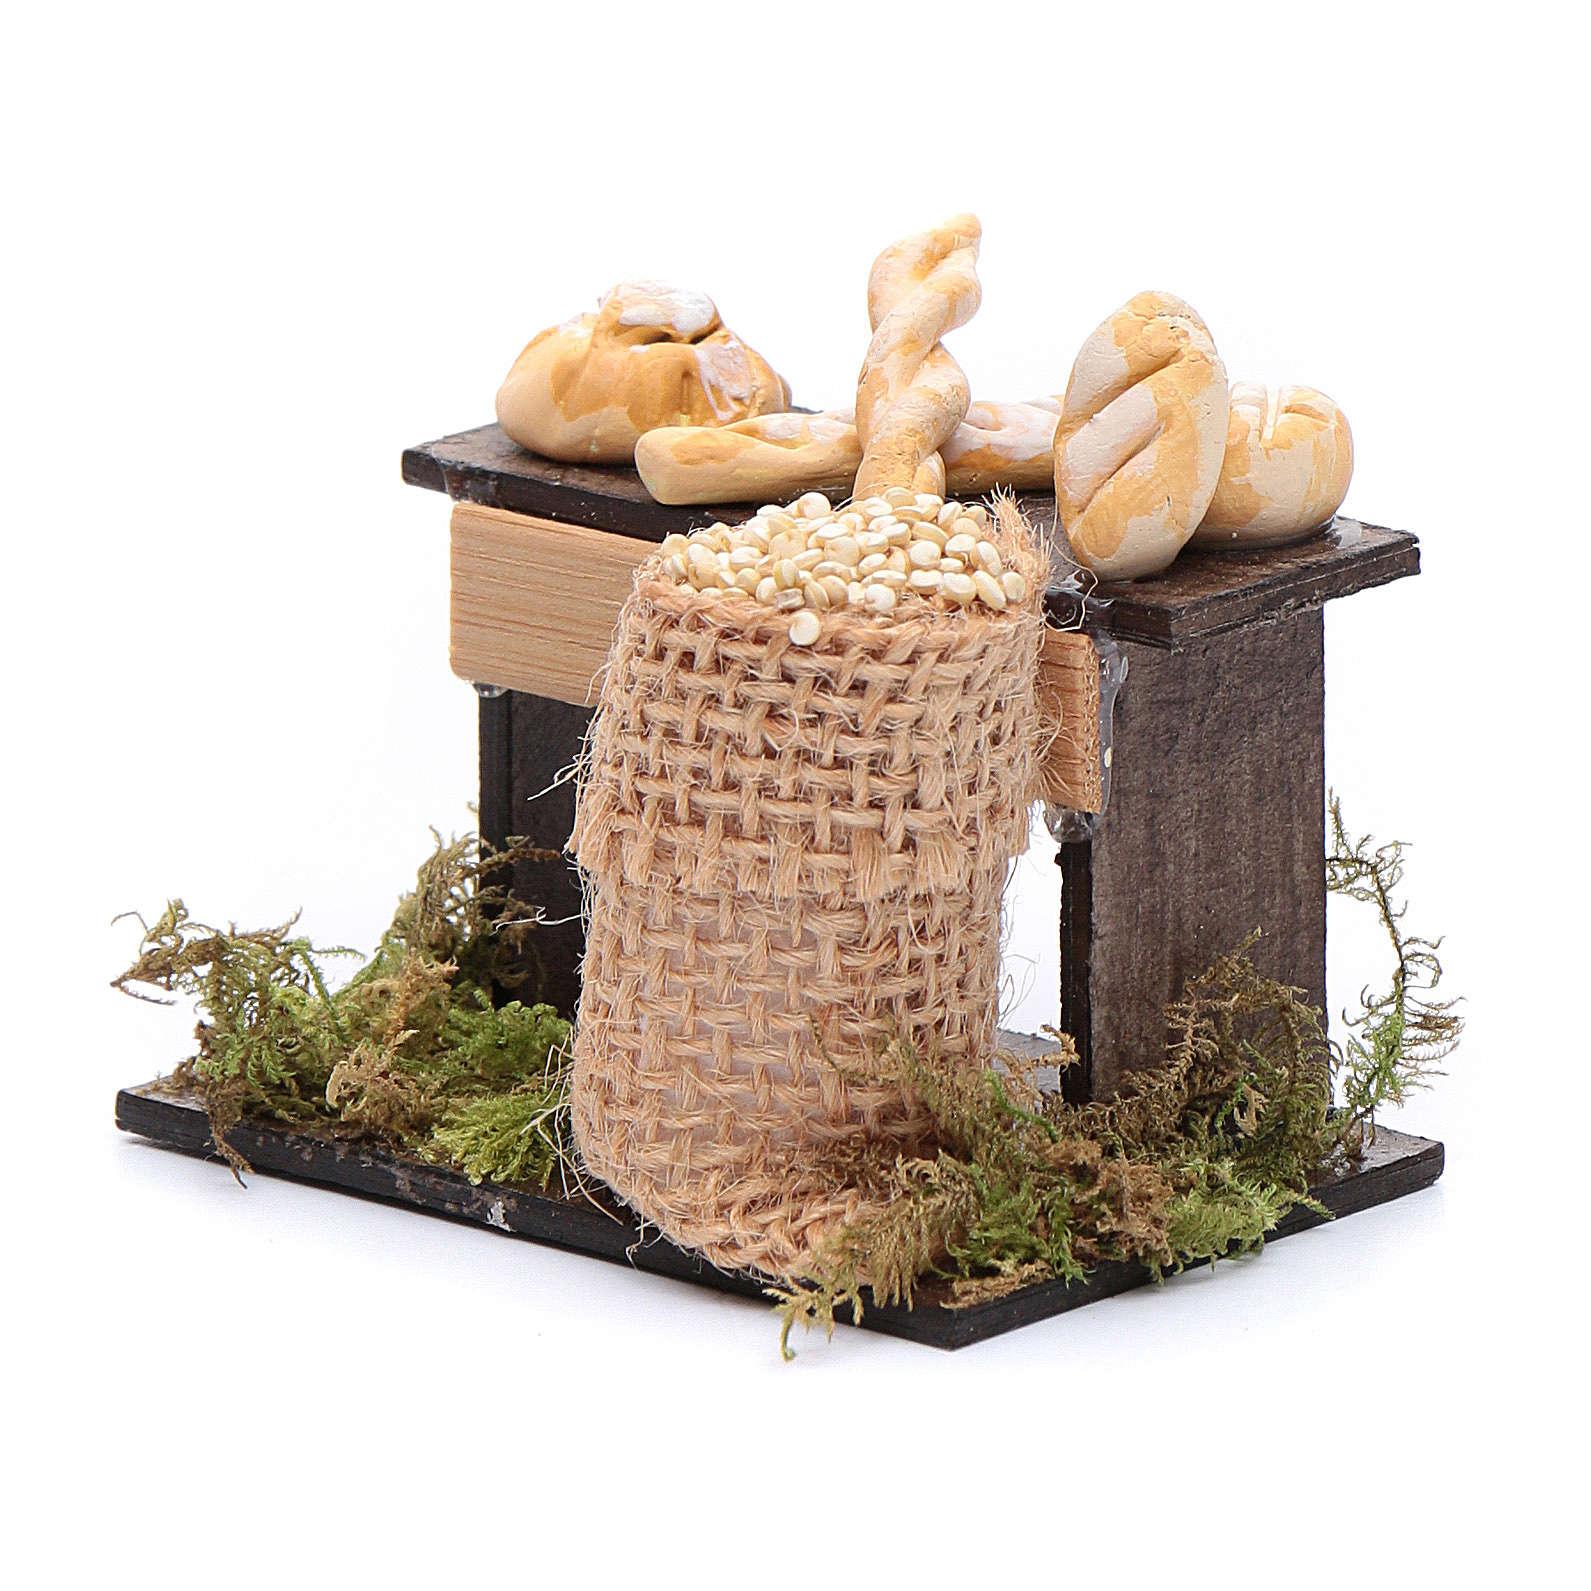 Banco di pane e sacco di legumi 5x5x5 cm presepe napoletano 4